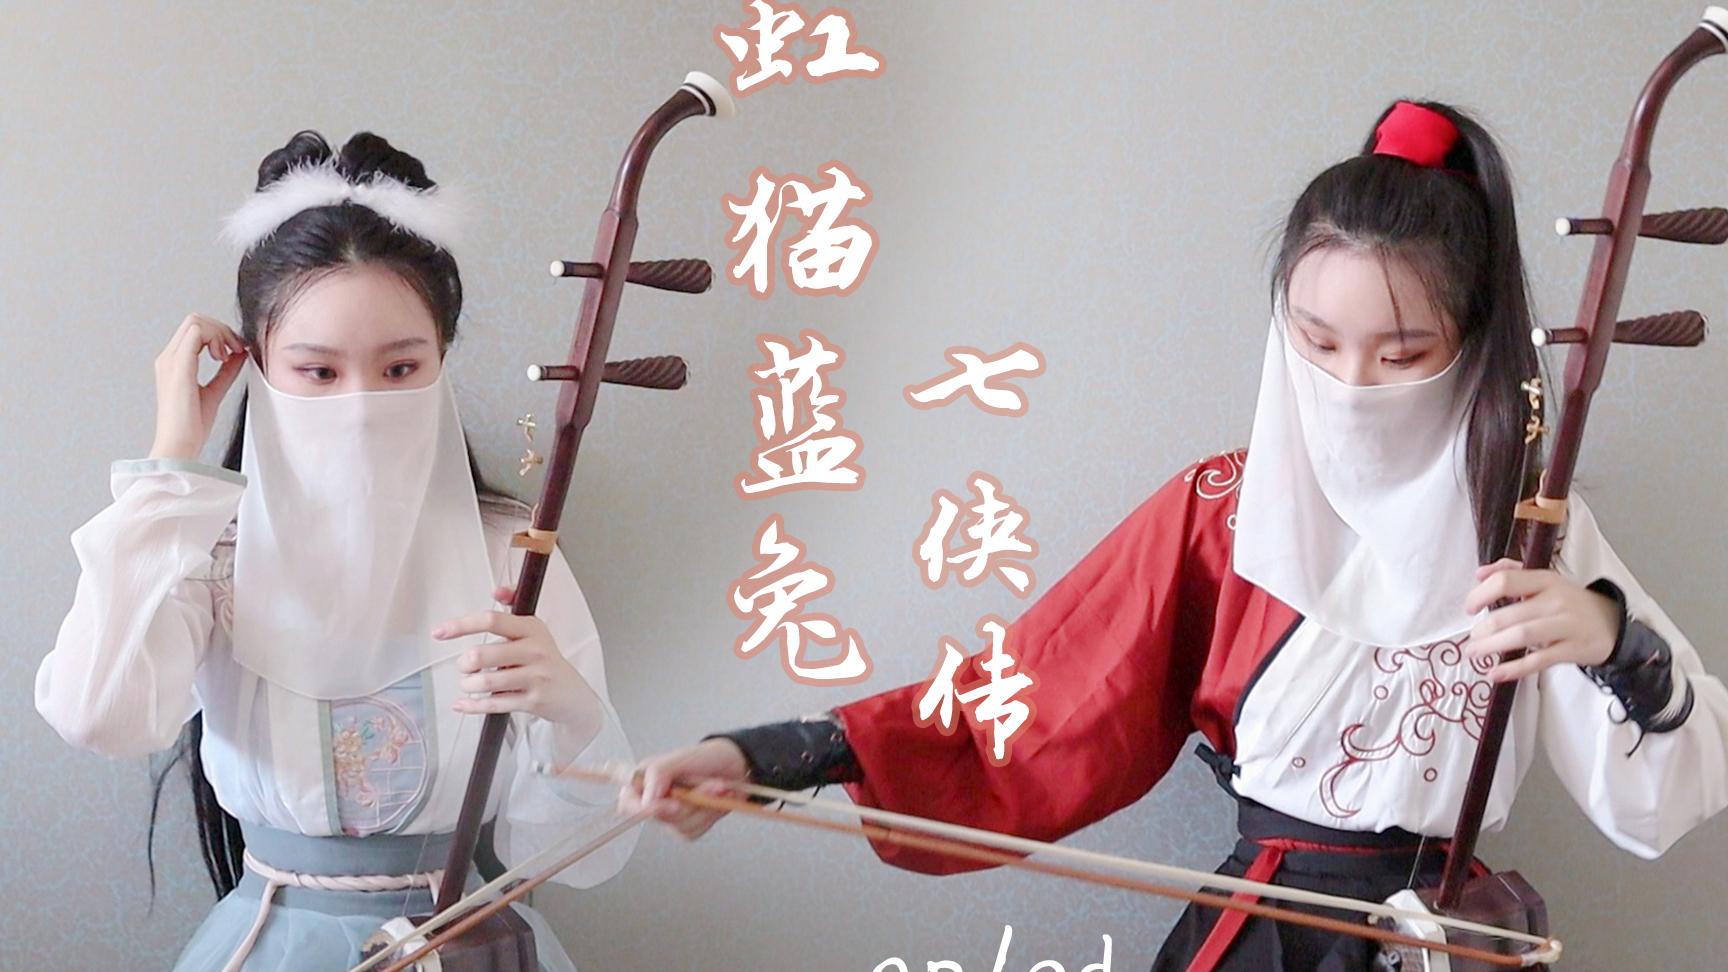 【二胡】虹猫蓝兔七侠传op/ed 【燃向/童年】